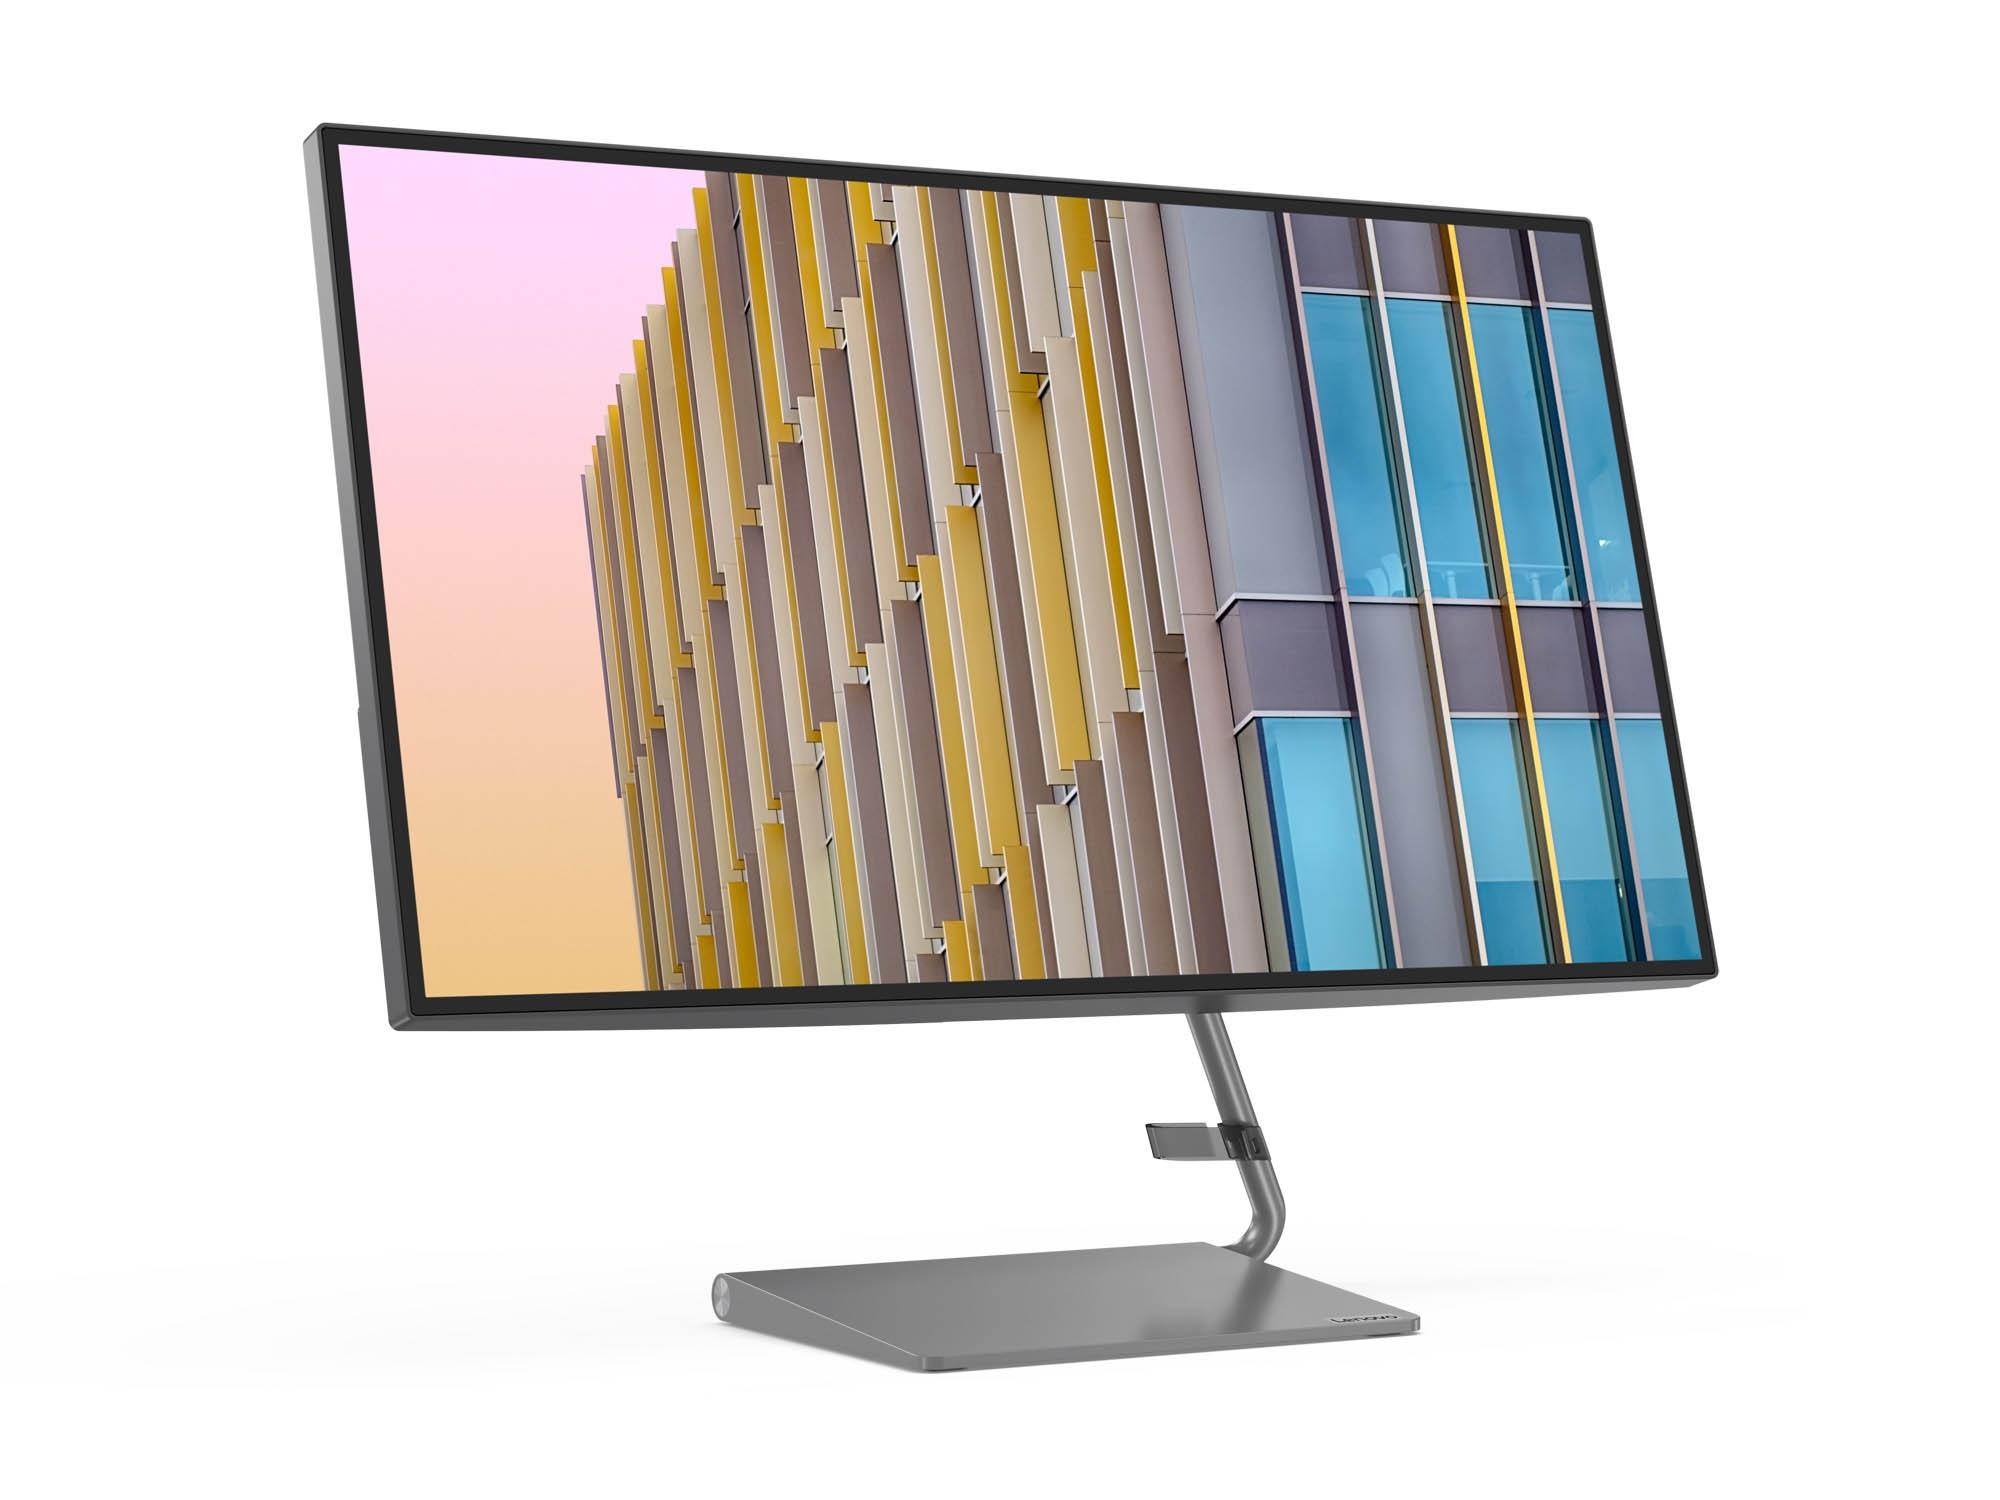 Lenovo Q27h Monitor